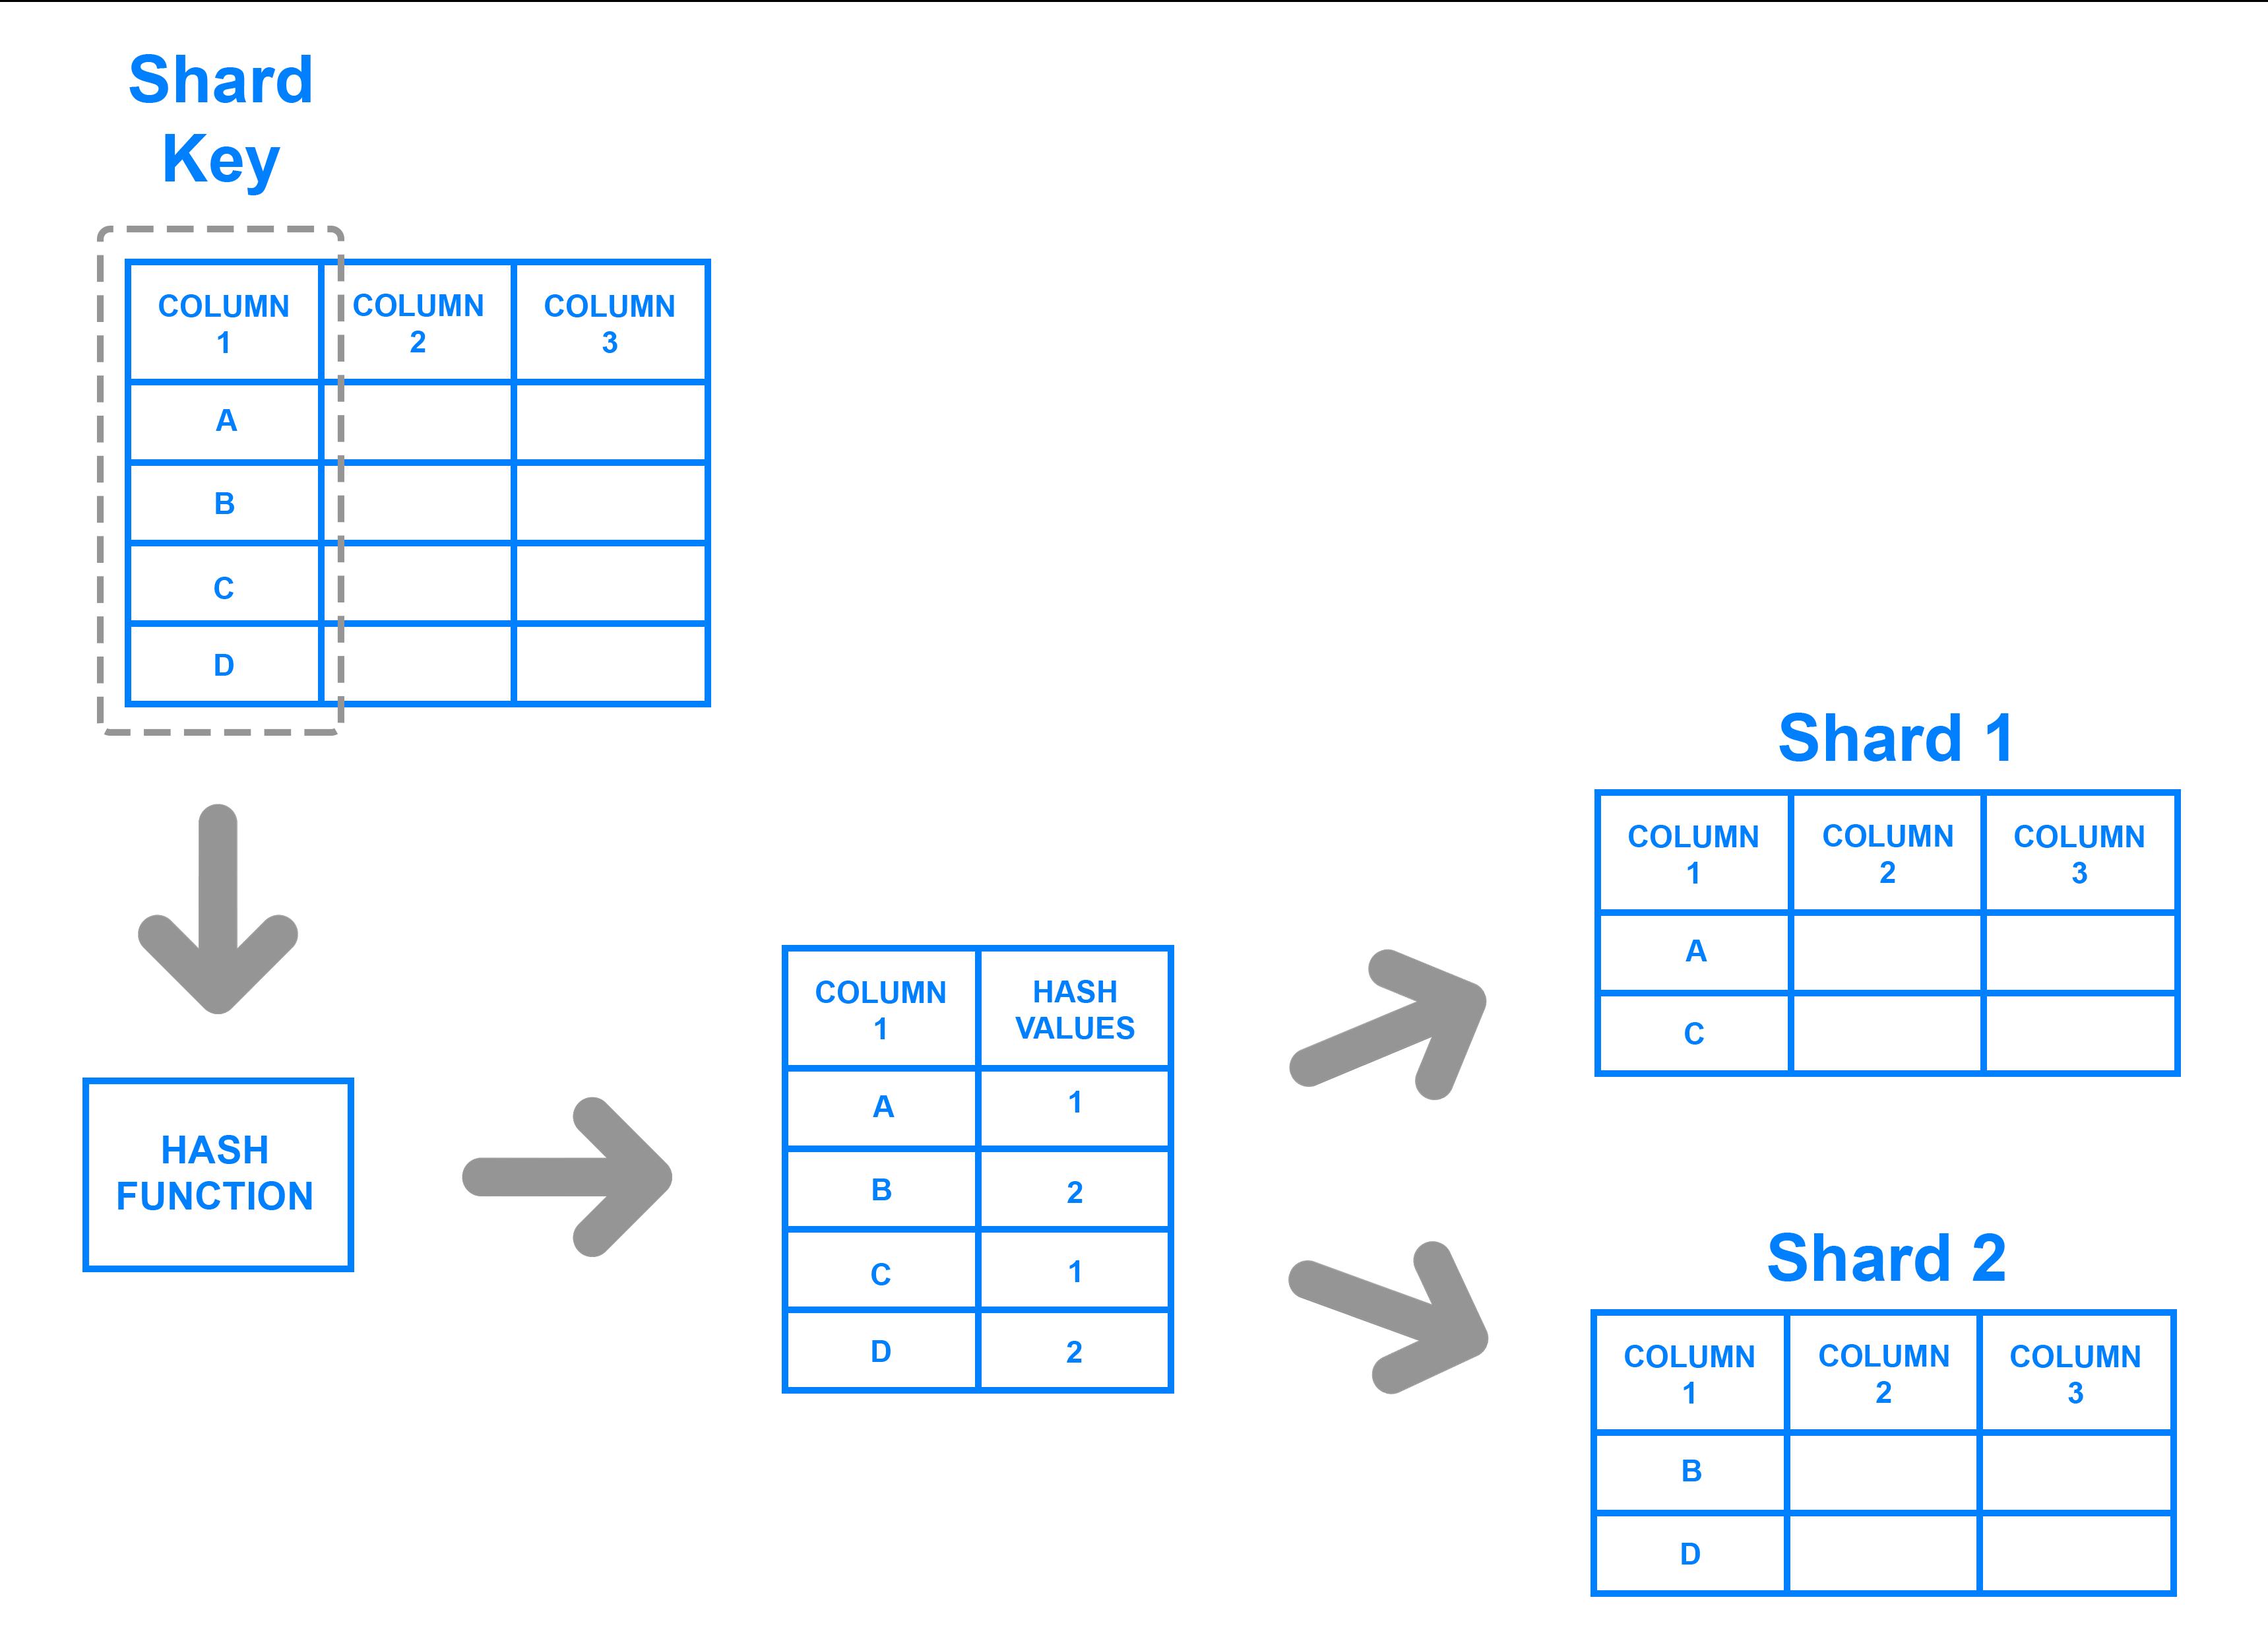 Key based sharding example diagram